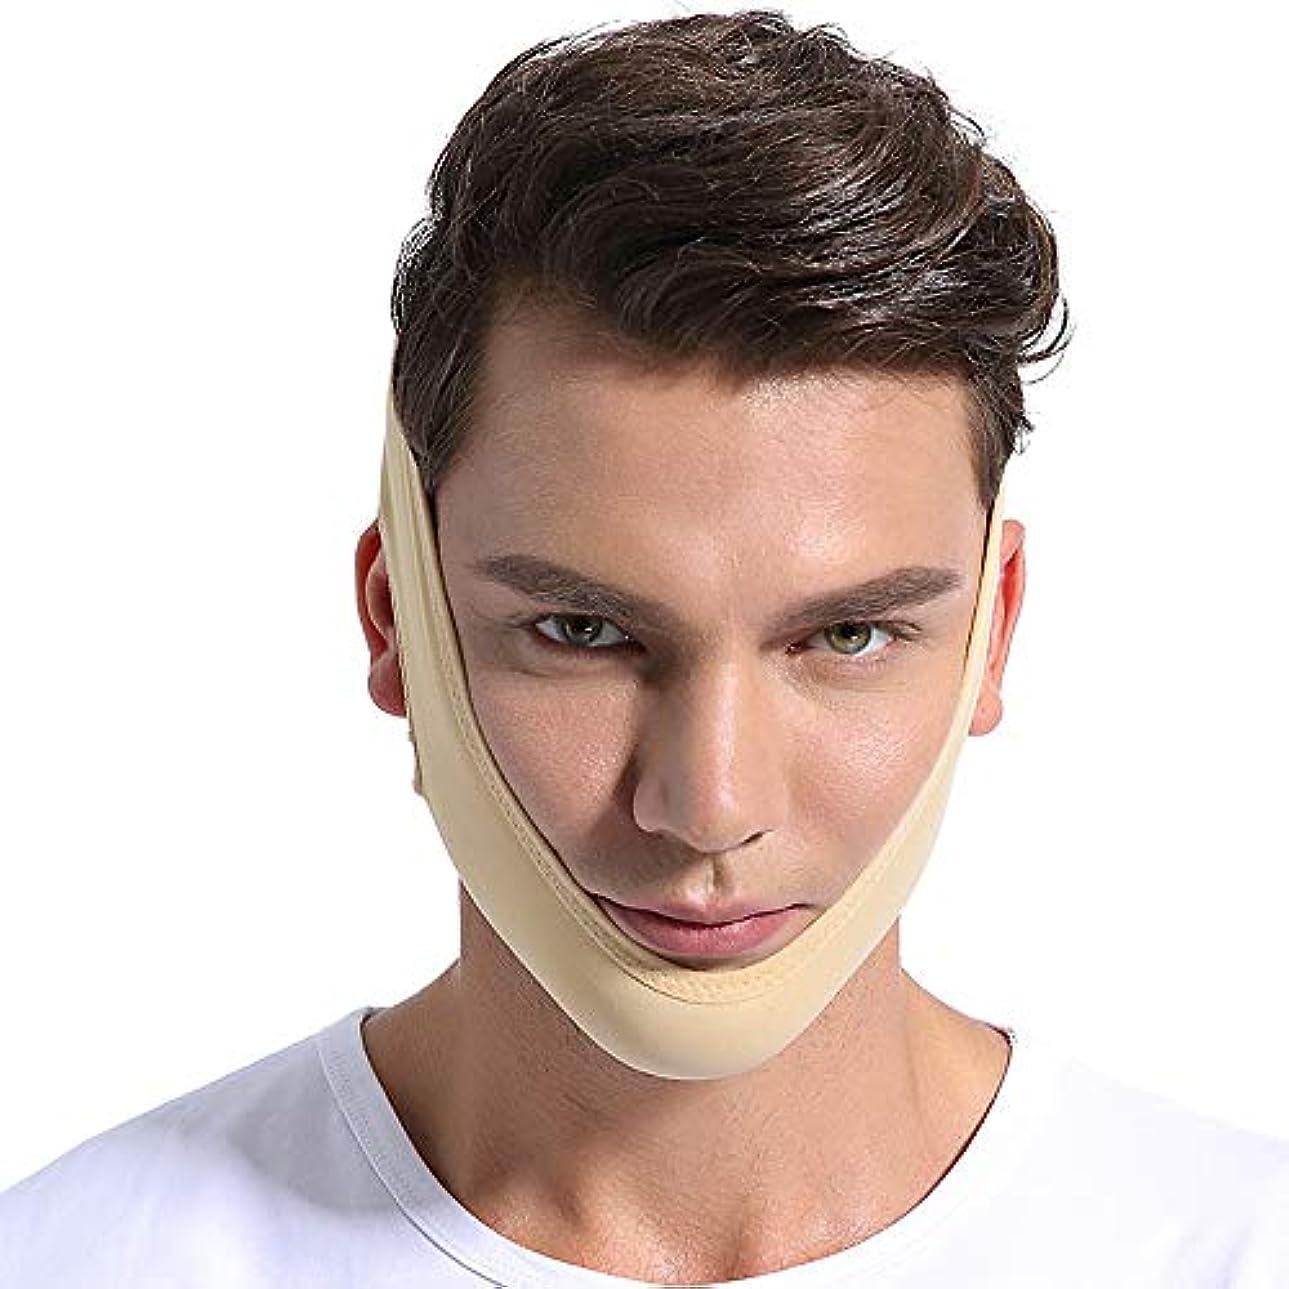 週末ランチョン魚顔面持ち上げ用具、Vフェイスの薄い顔の包帯顔面マッサージ器リフティングパッキングマスク,L